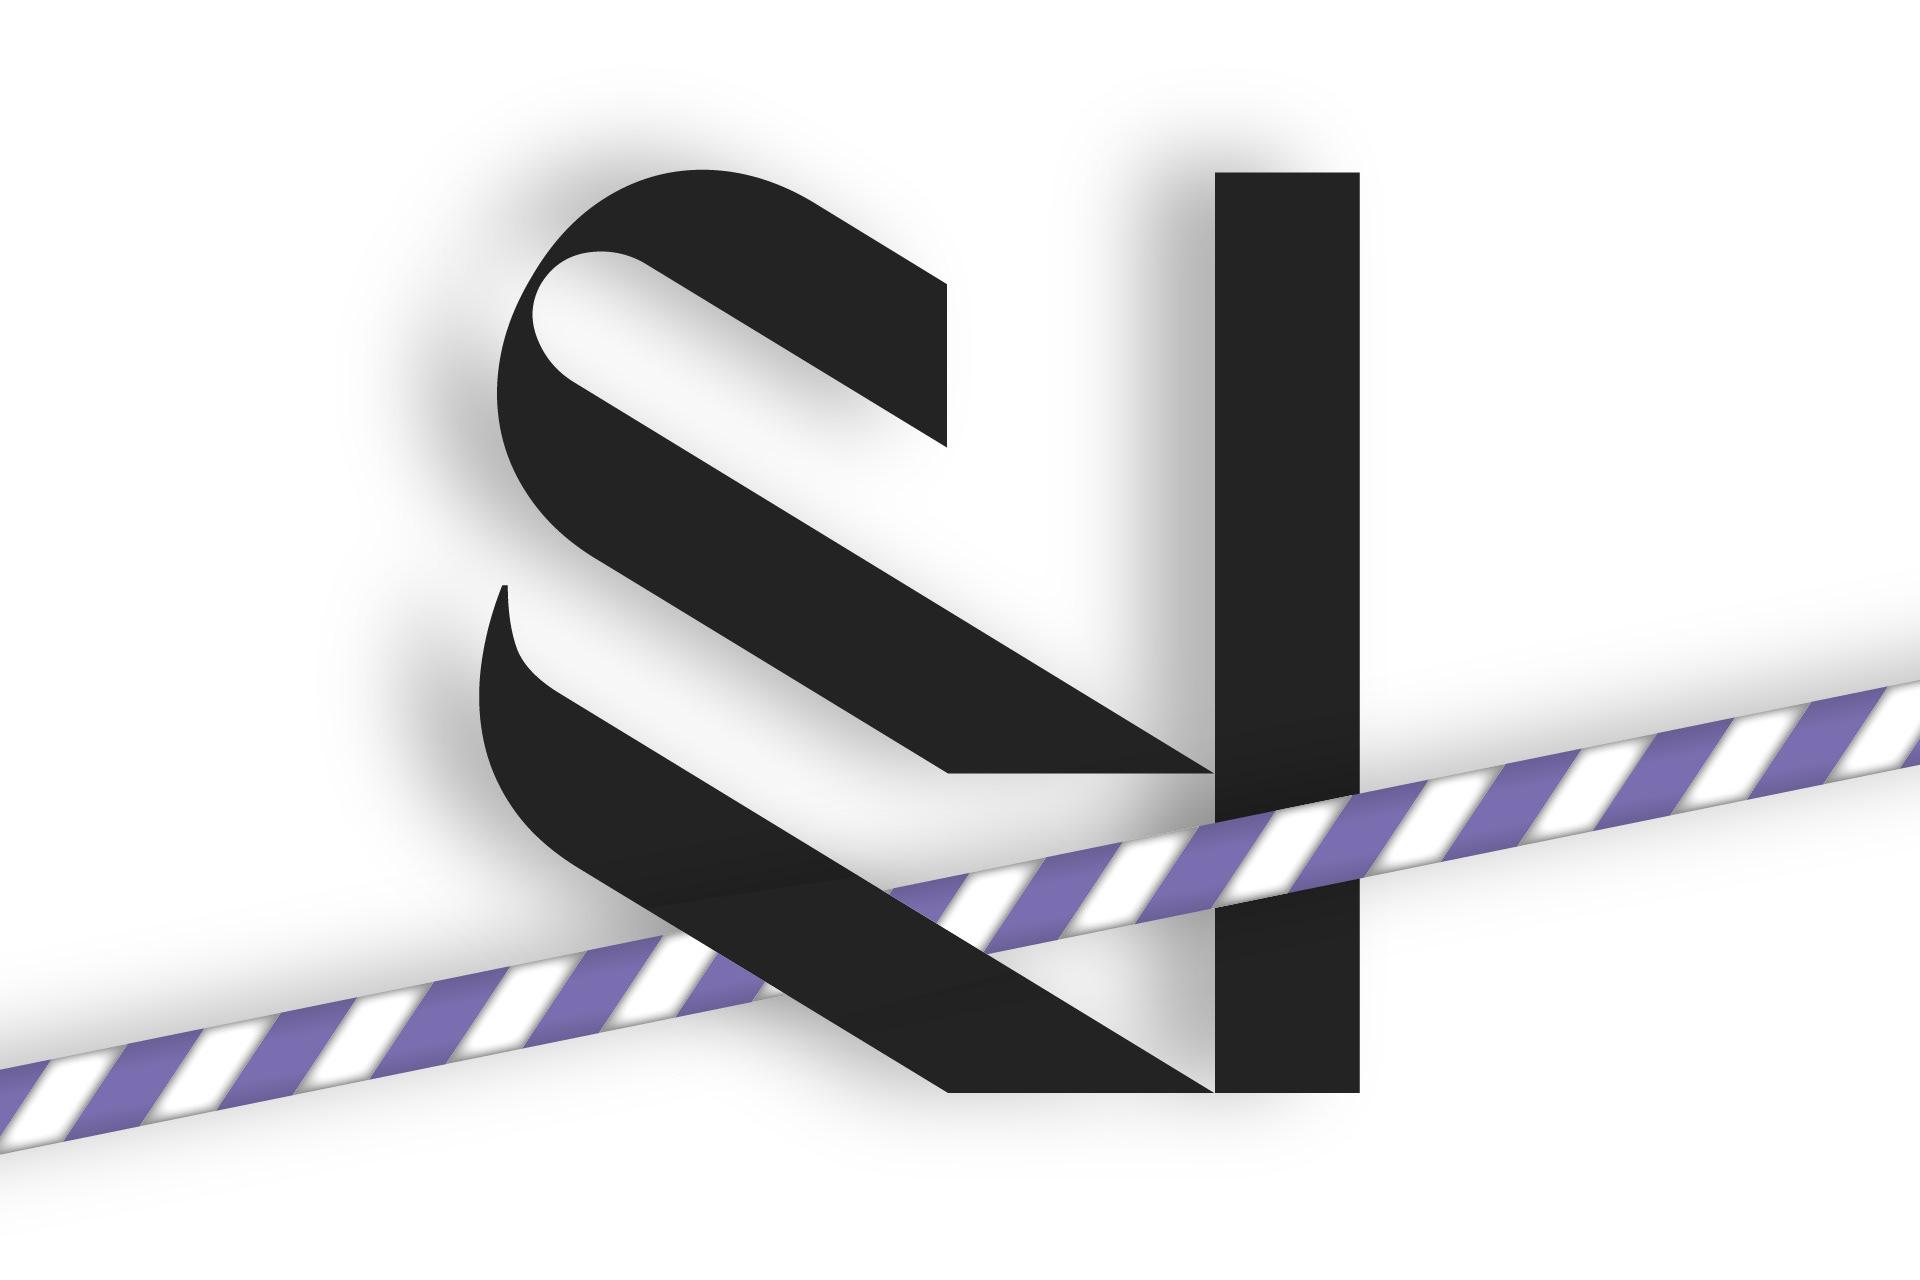 倾斜对角线英文字体下载 Eskos Typeface插图(17)